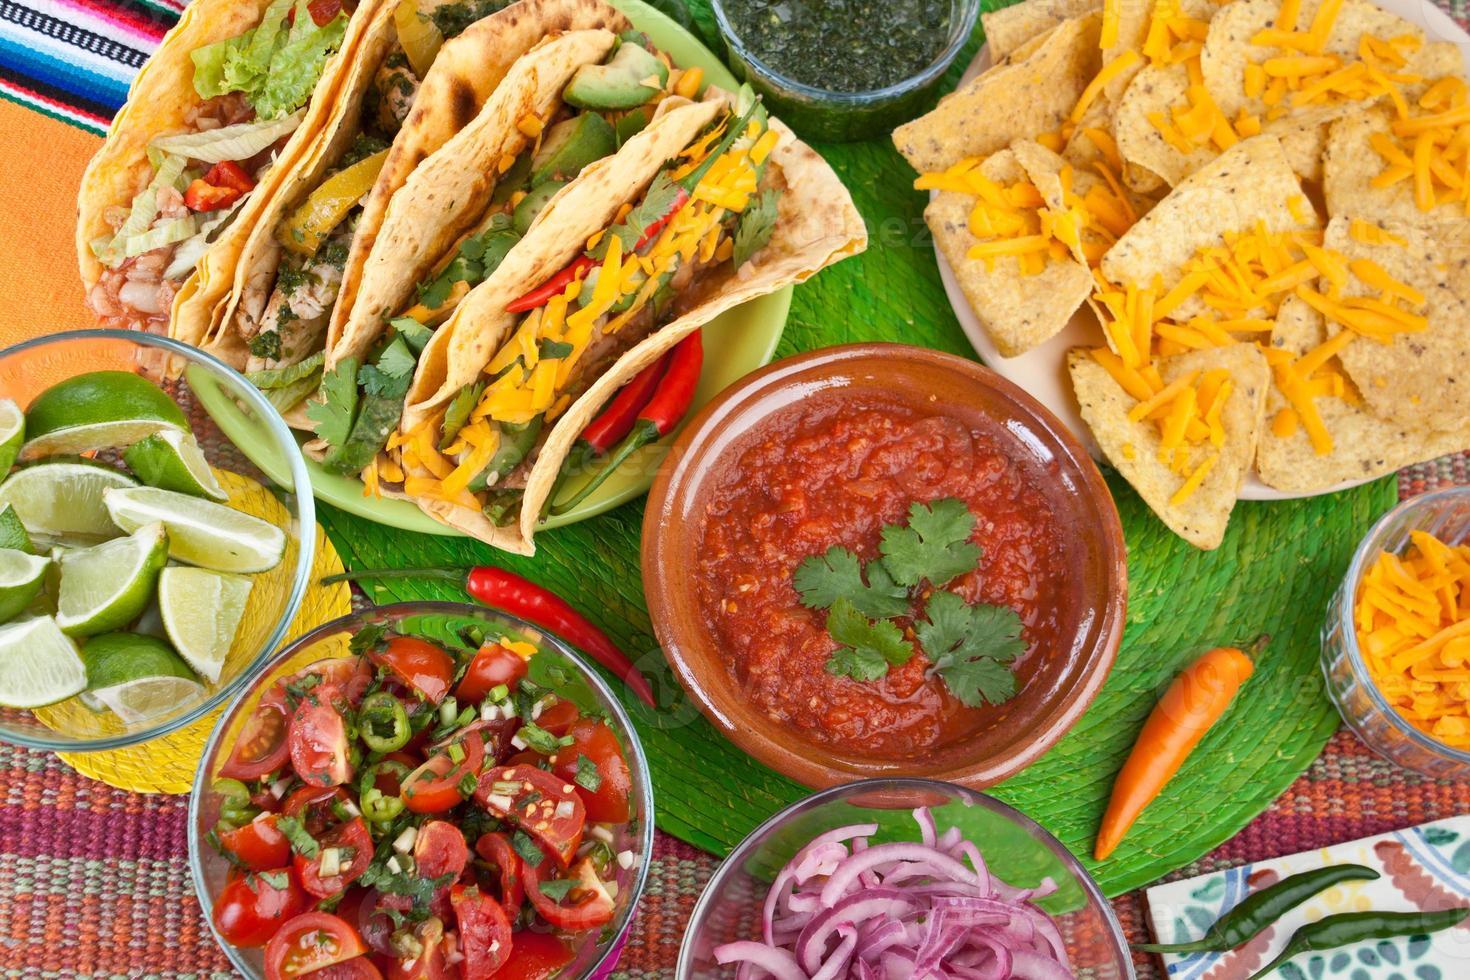 färgglada traditionella mexikanska maträtter foto